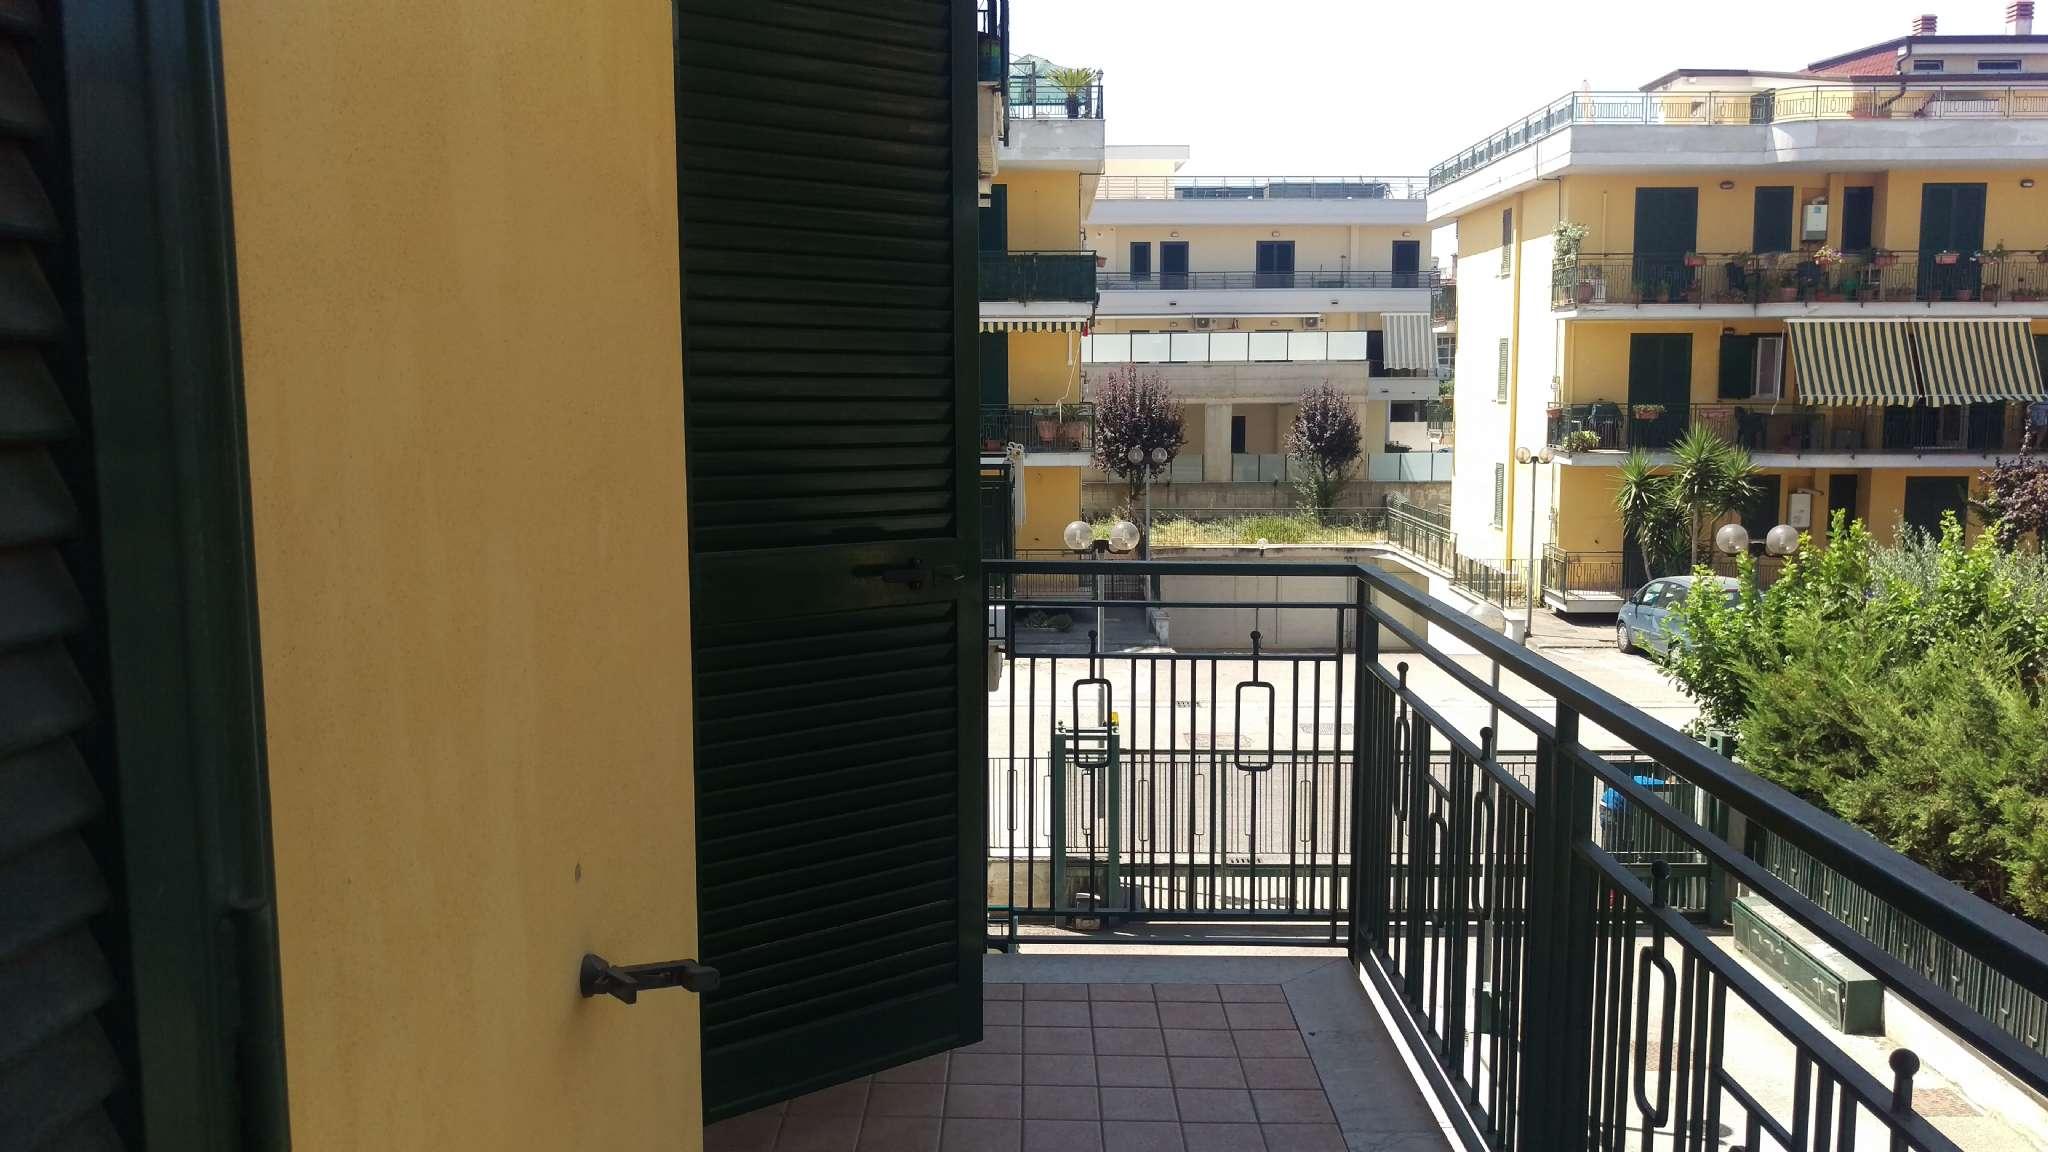 Appartamento in vendita a Mariglianella, 5 locali, prezzo € 200.000 | CambioCasa.it